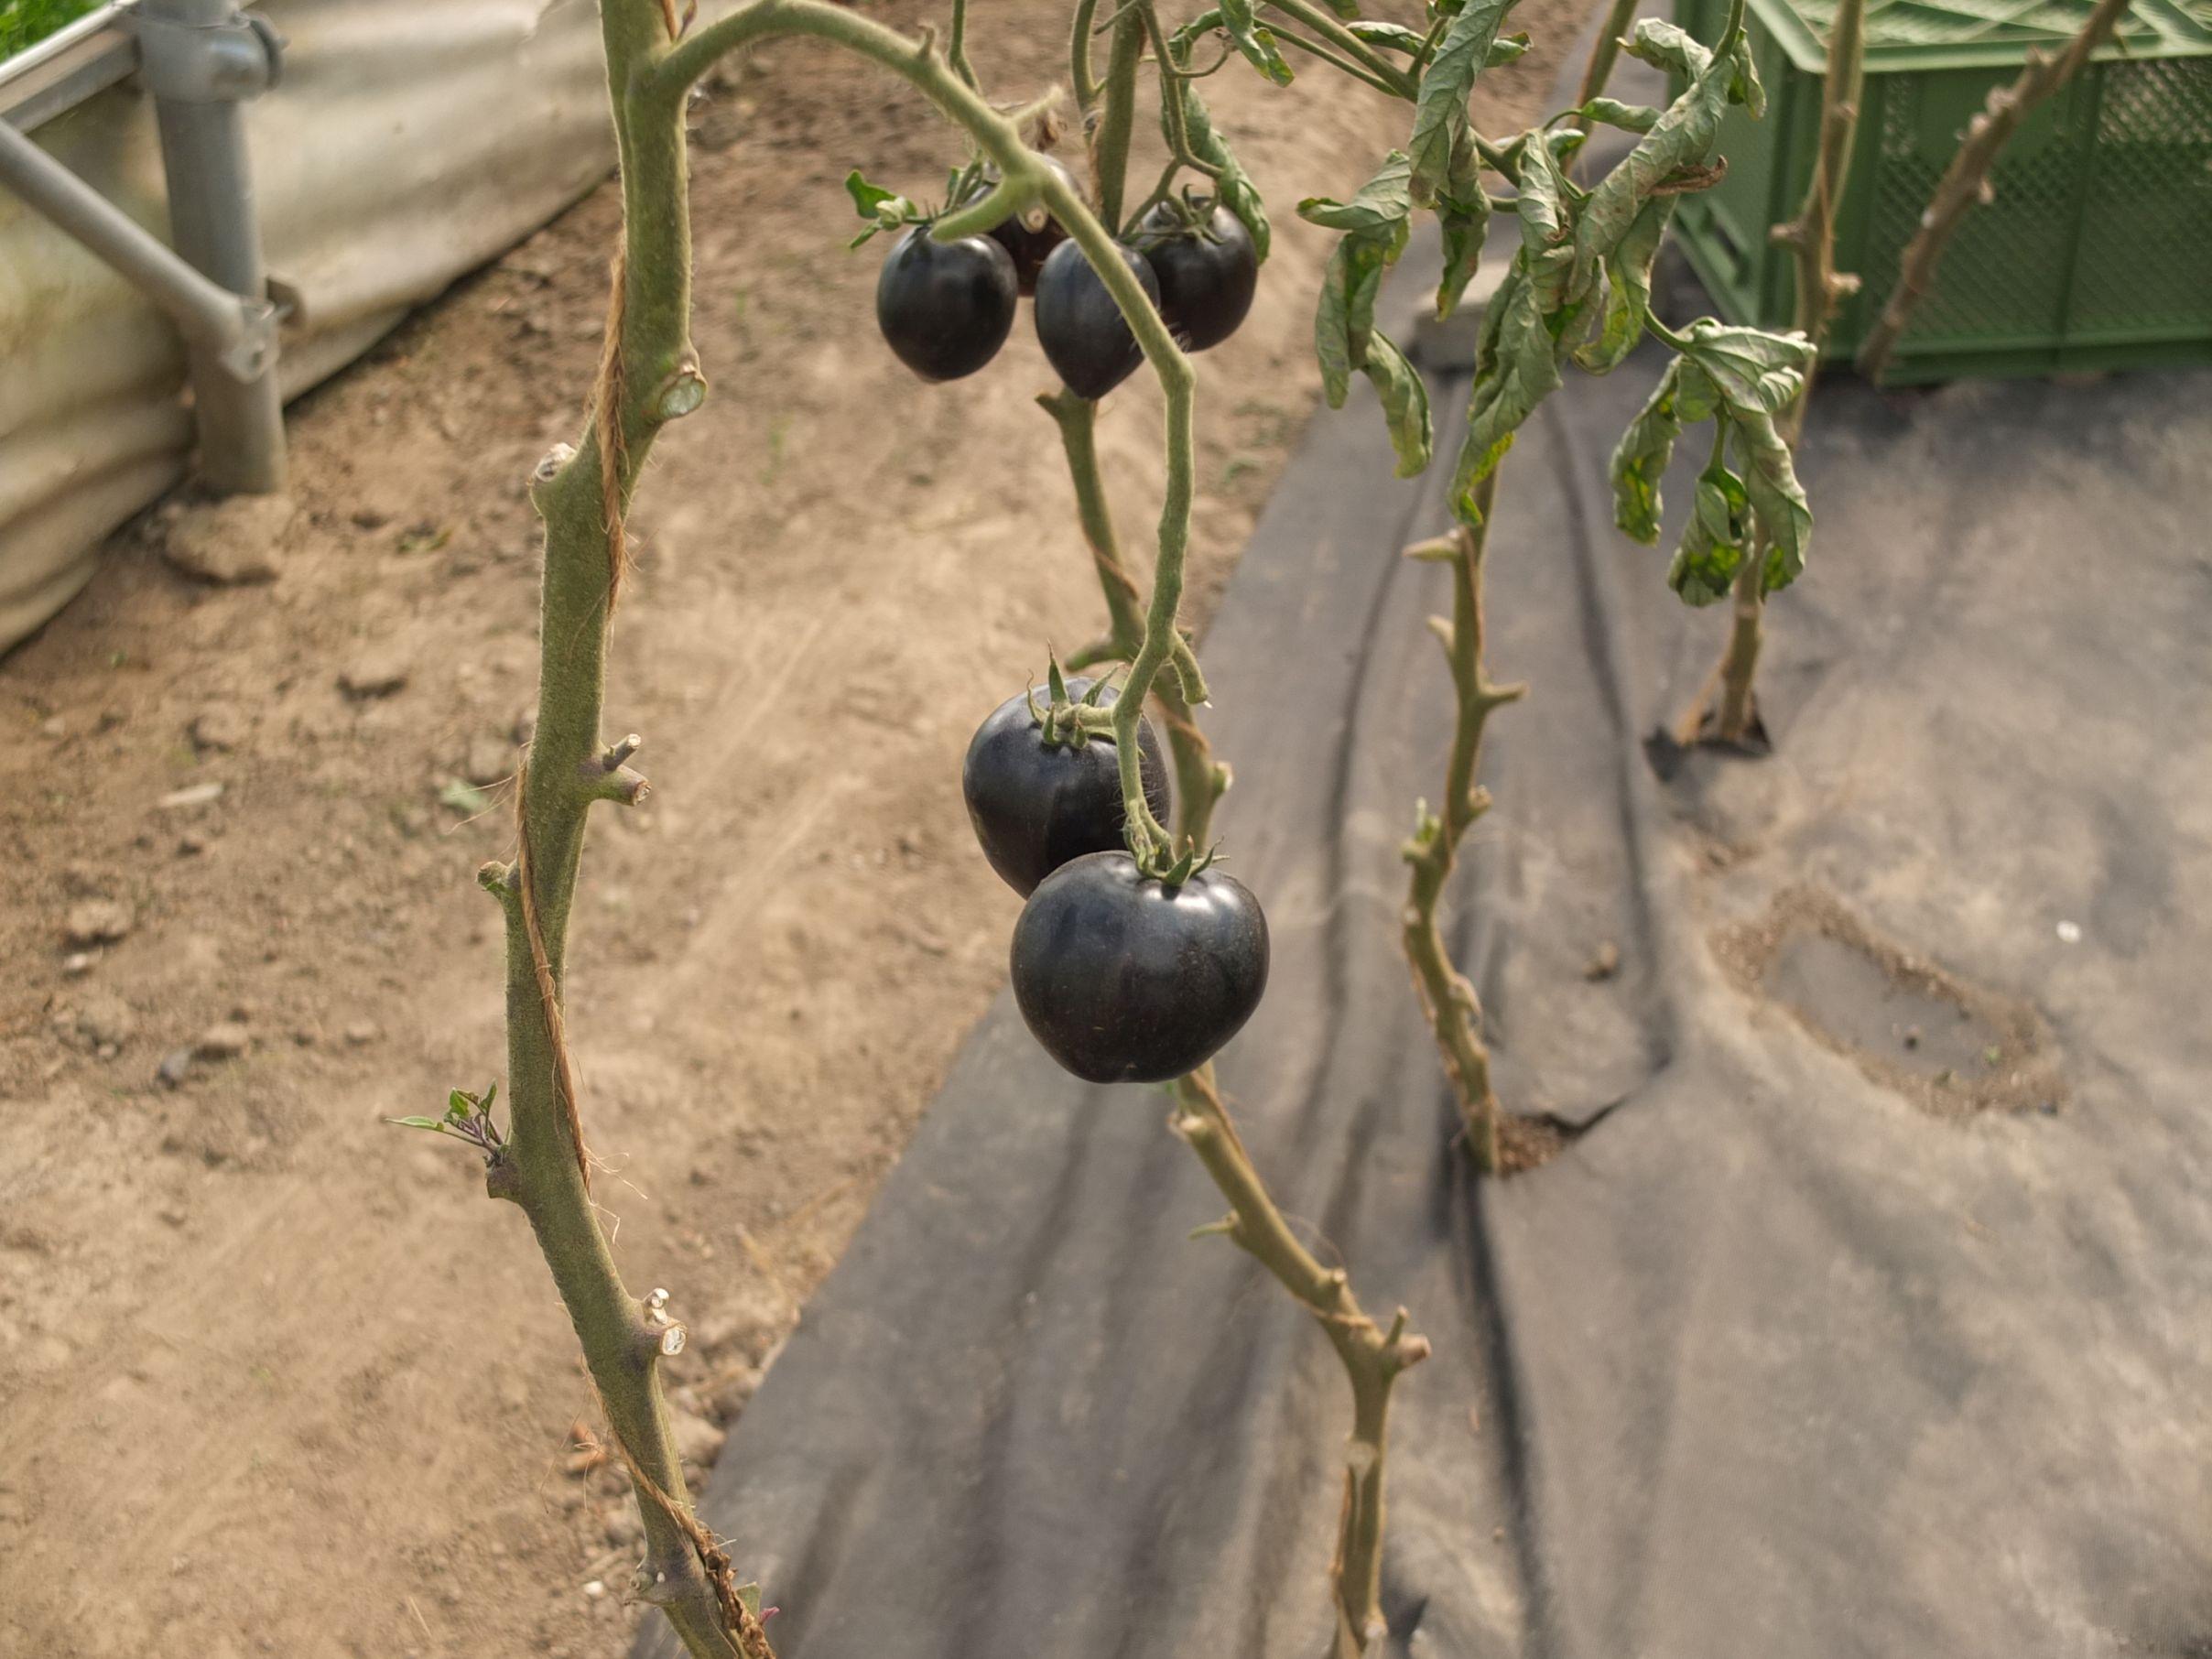 Früchte aus dem Gewächshaus der Werkhof-Gärtnerei